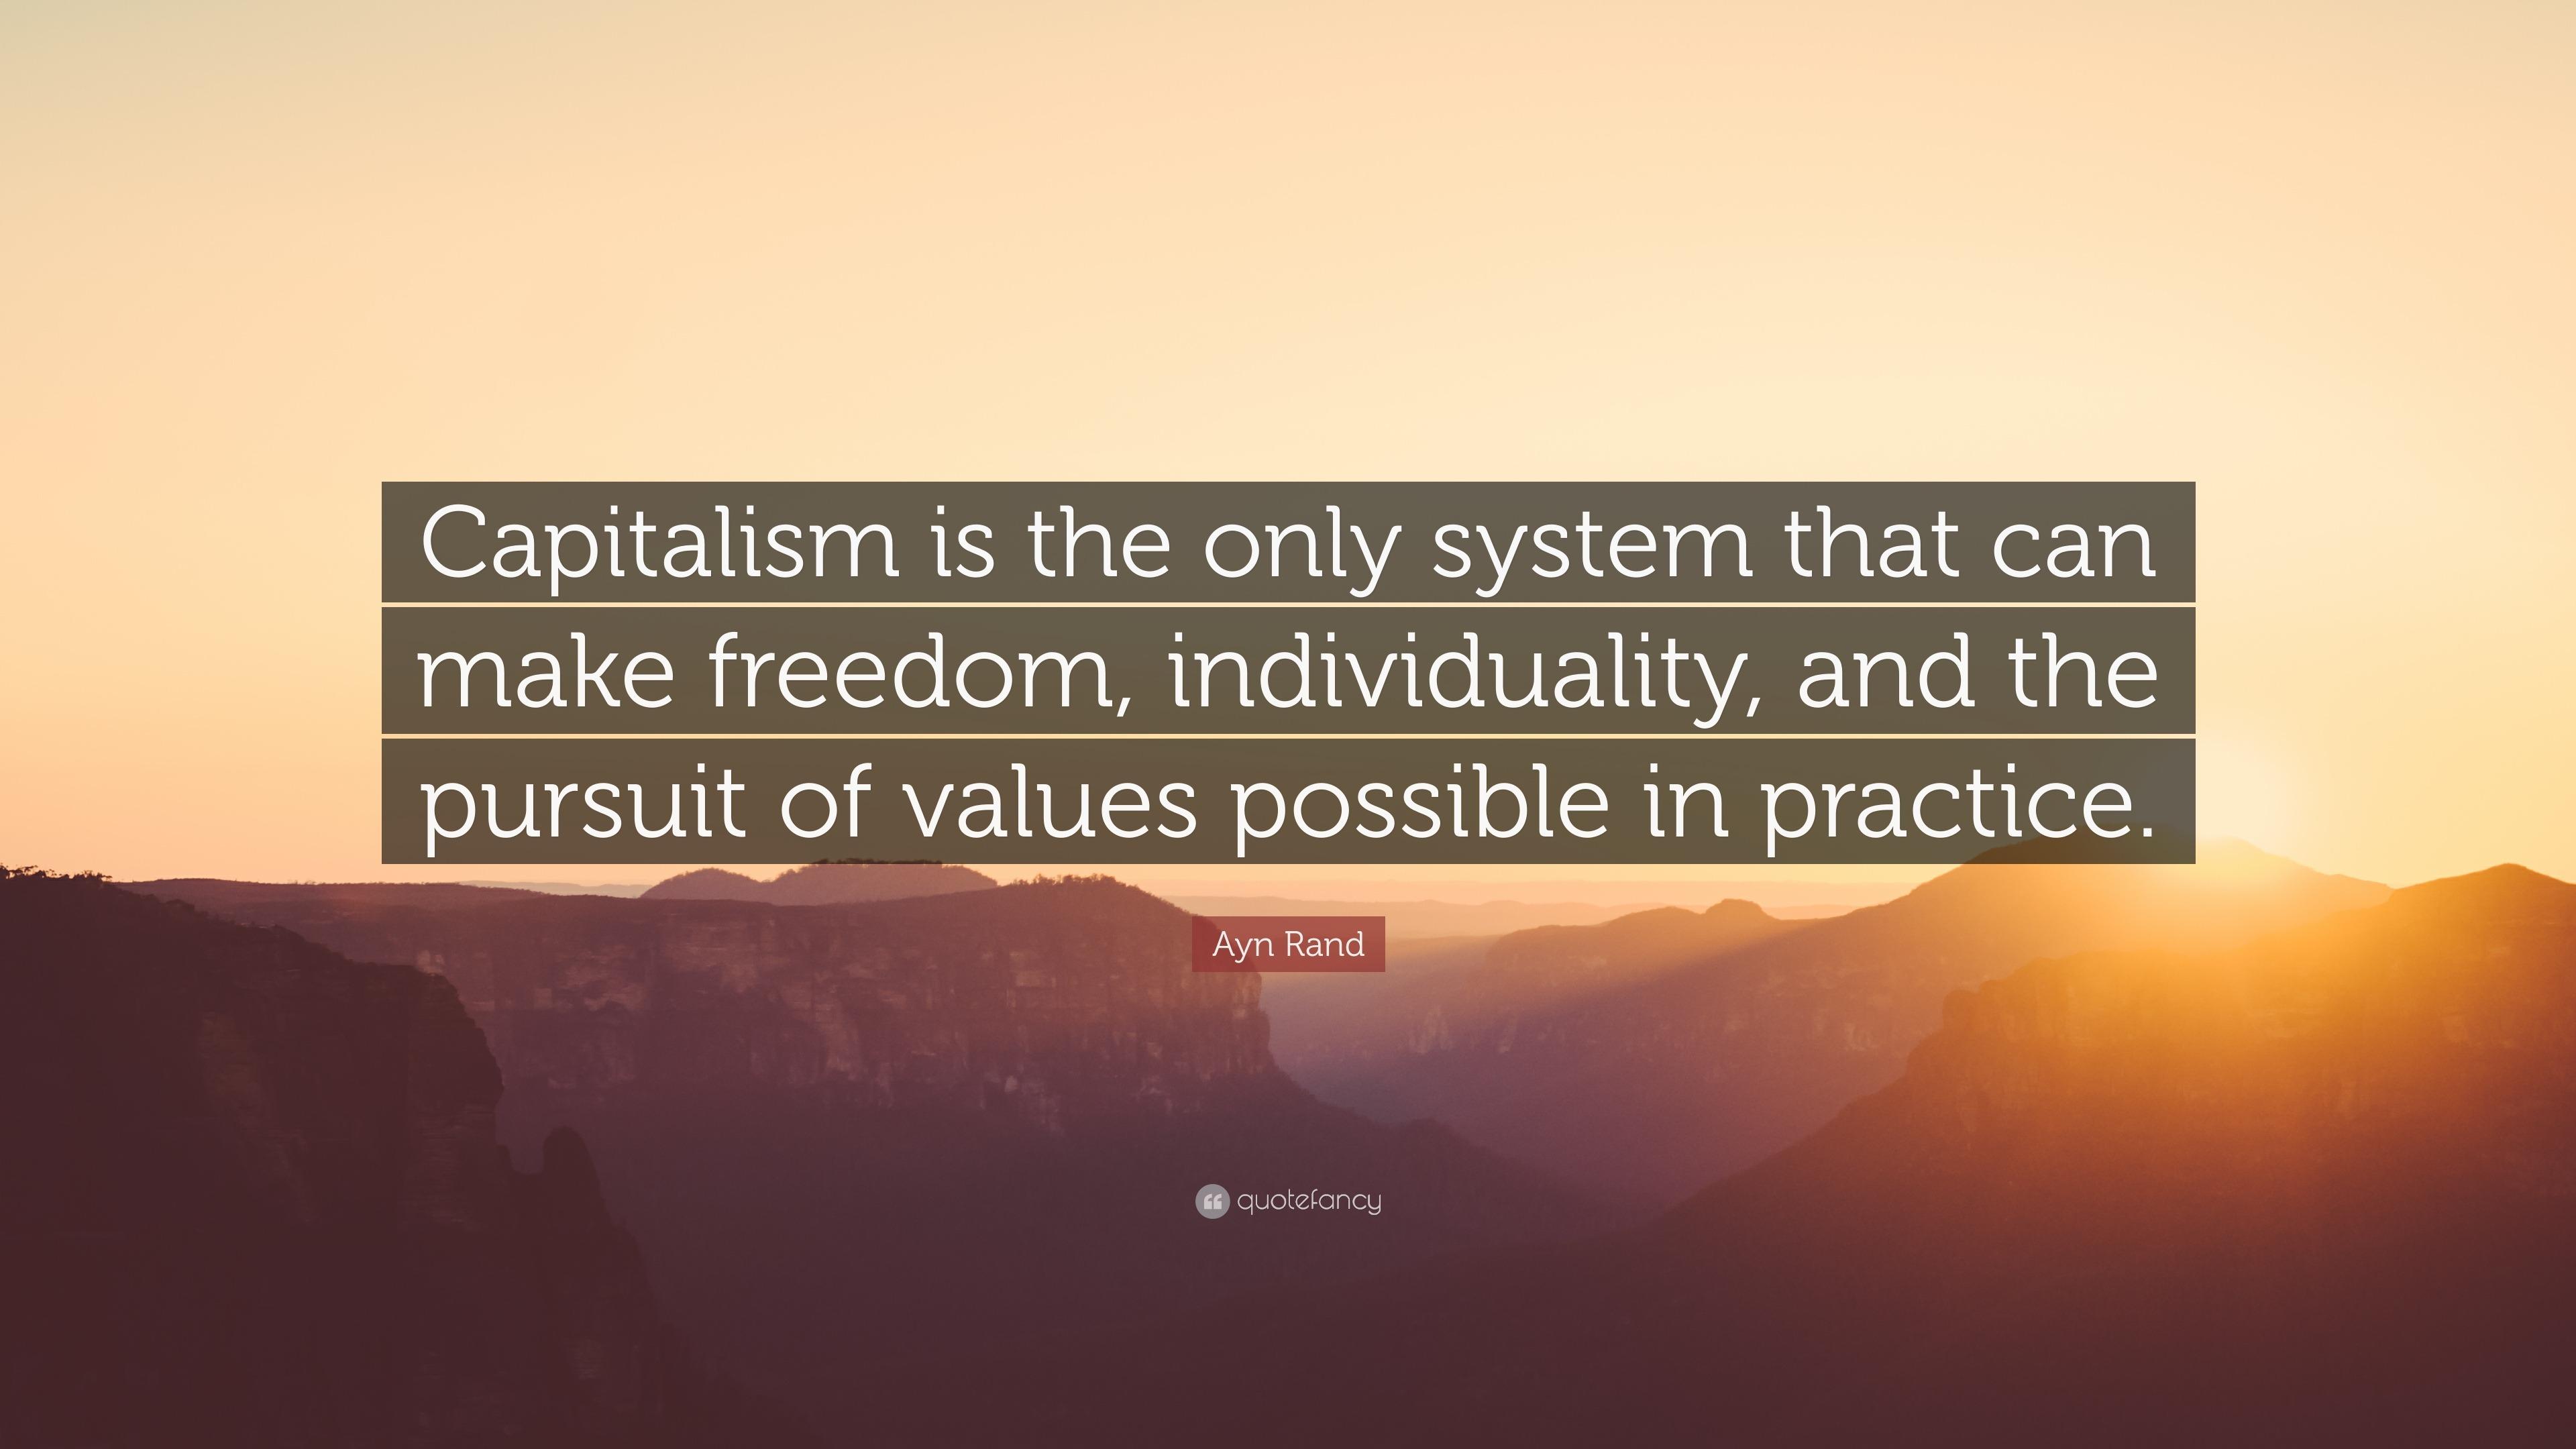 Pildiotsingu capitalism and freedom tulemus